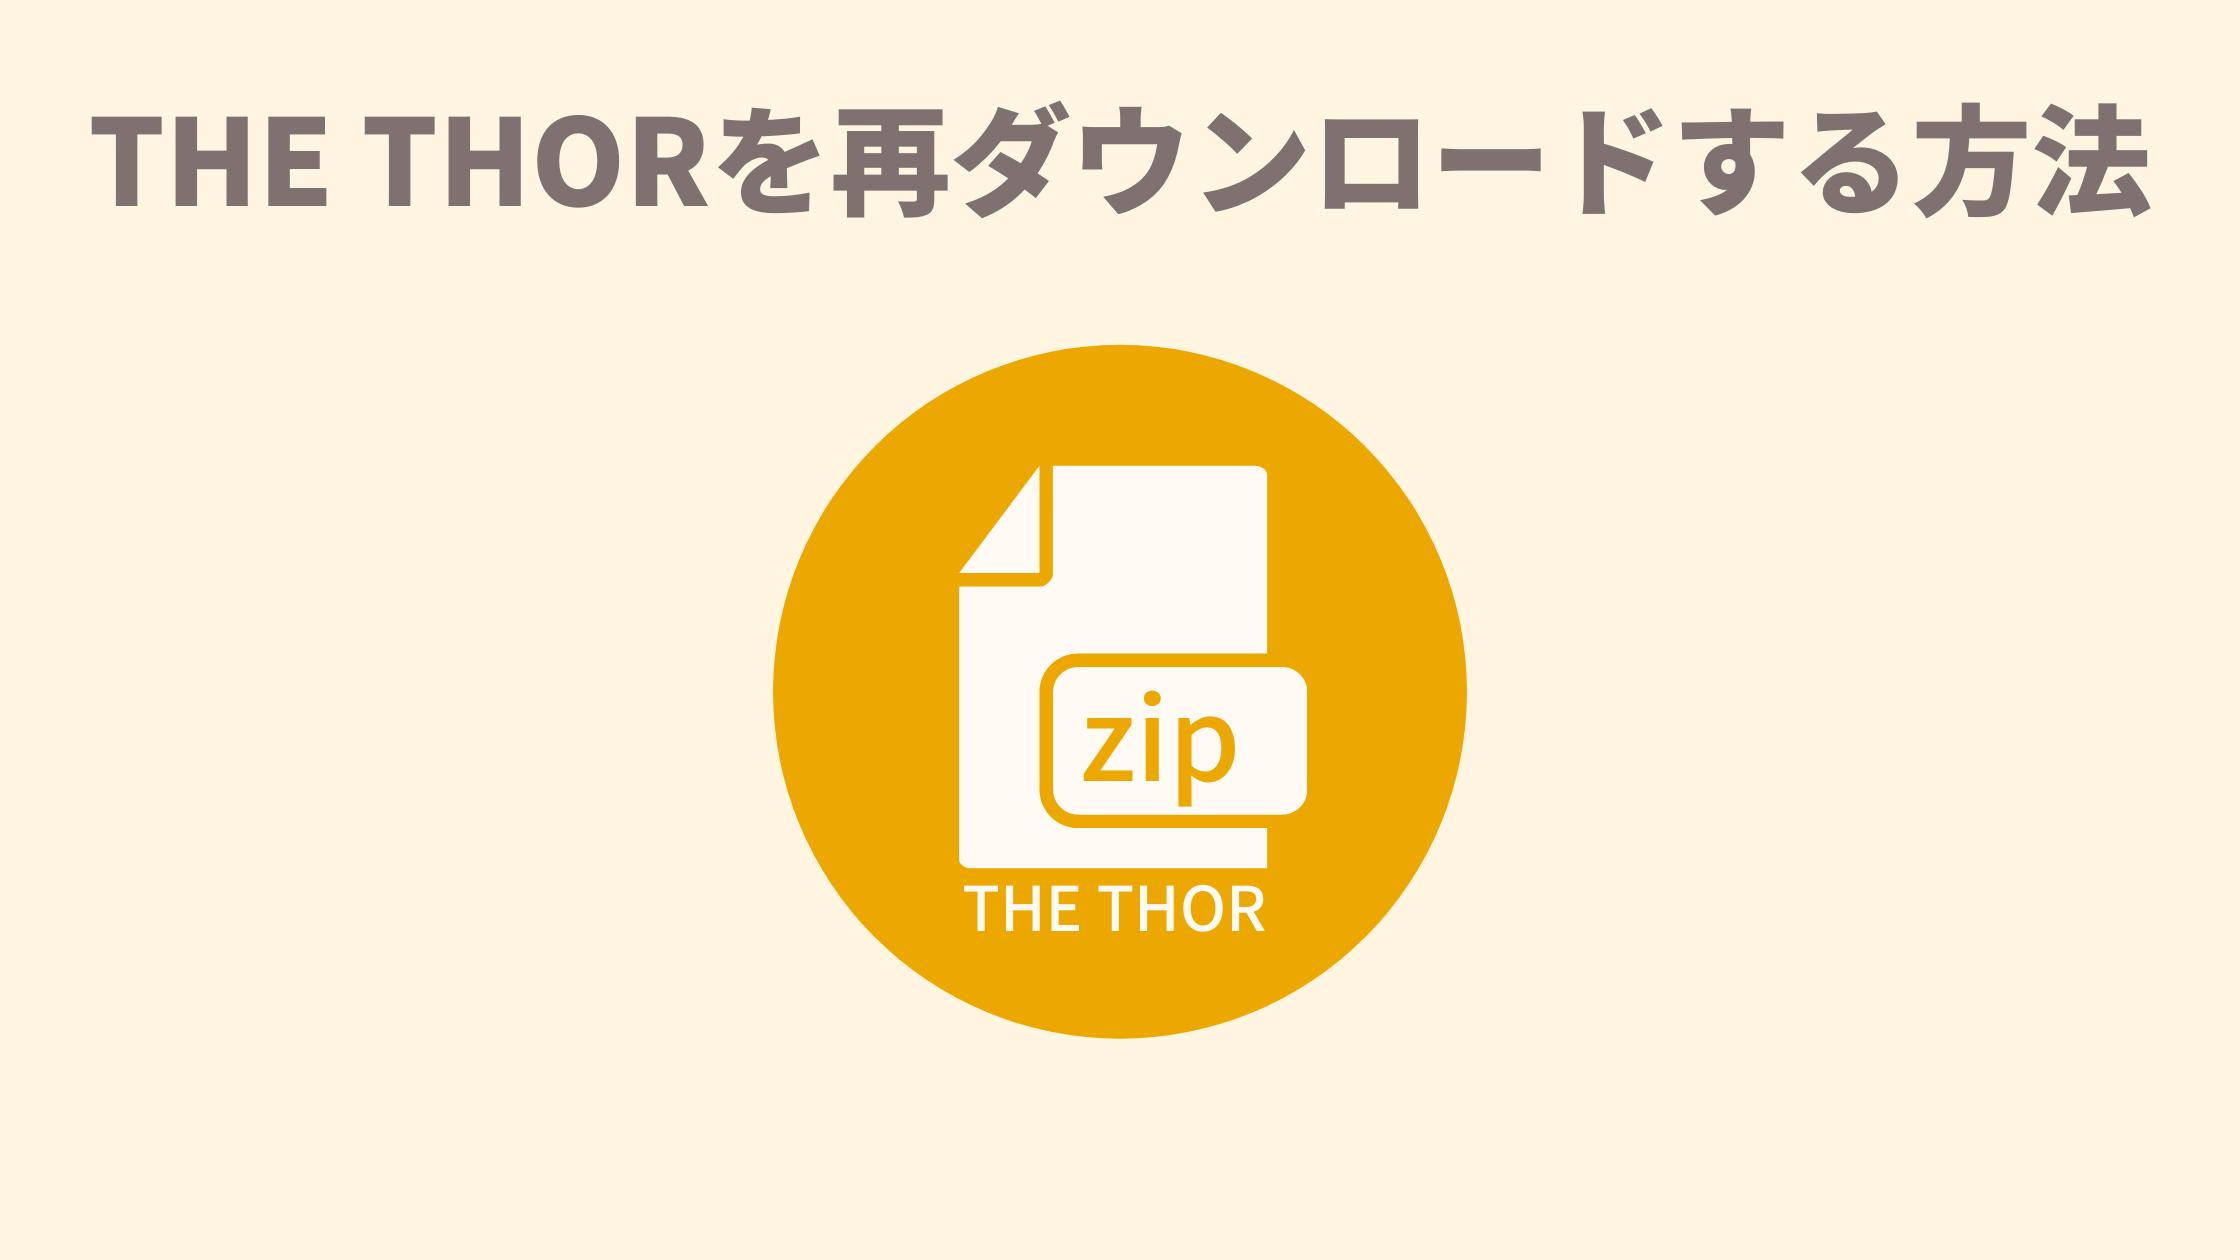 THE THORを再ダウンロードする方法